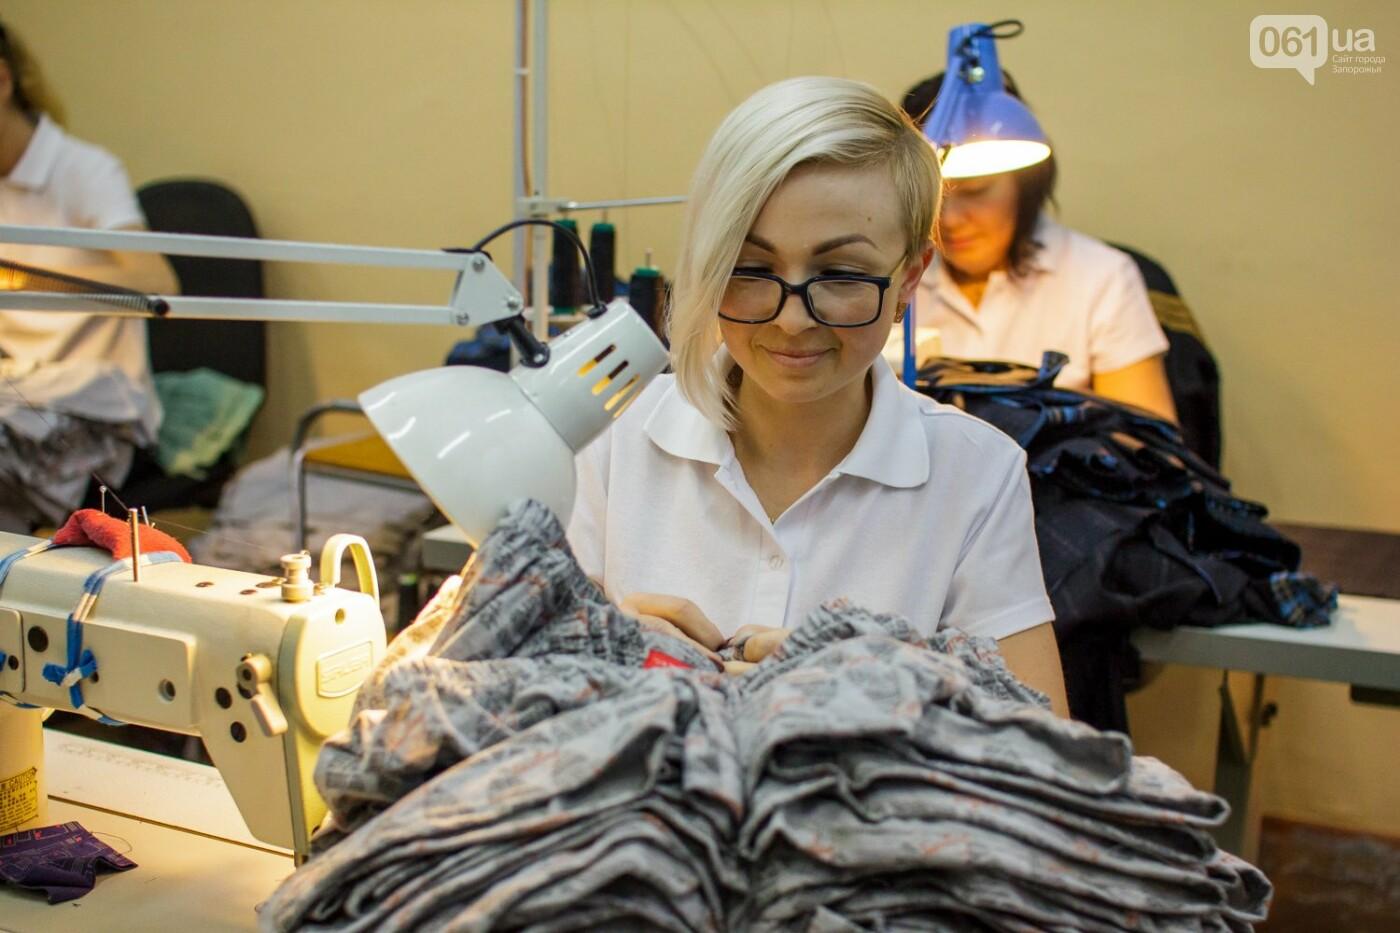 Как в Запорожье шьют мужское белье: экскурсия на трикотажную фабрику, – ФОТОРЕПОРТАЖ, фото-32